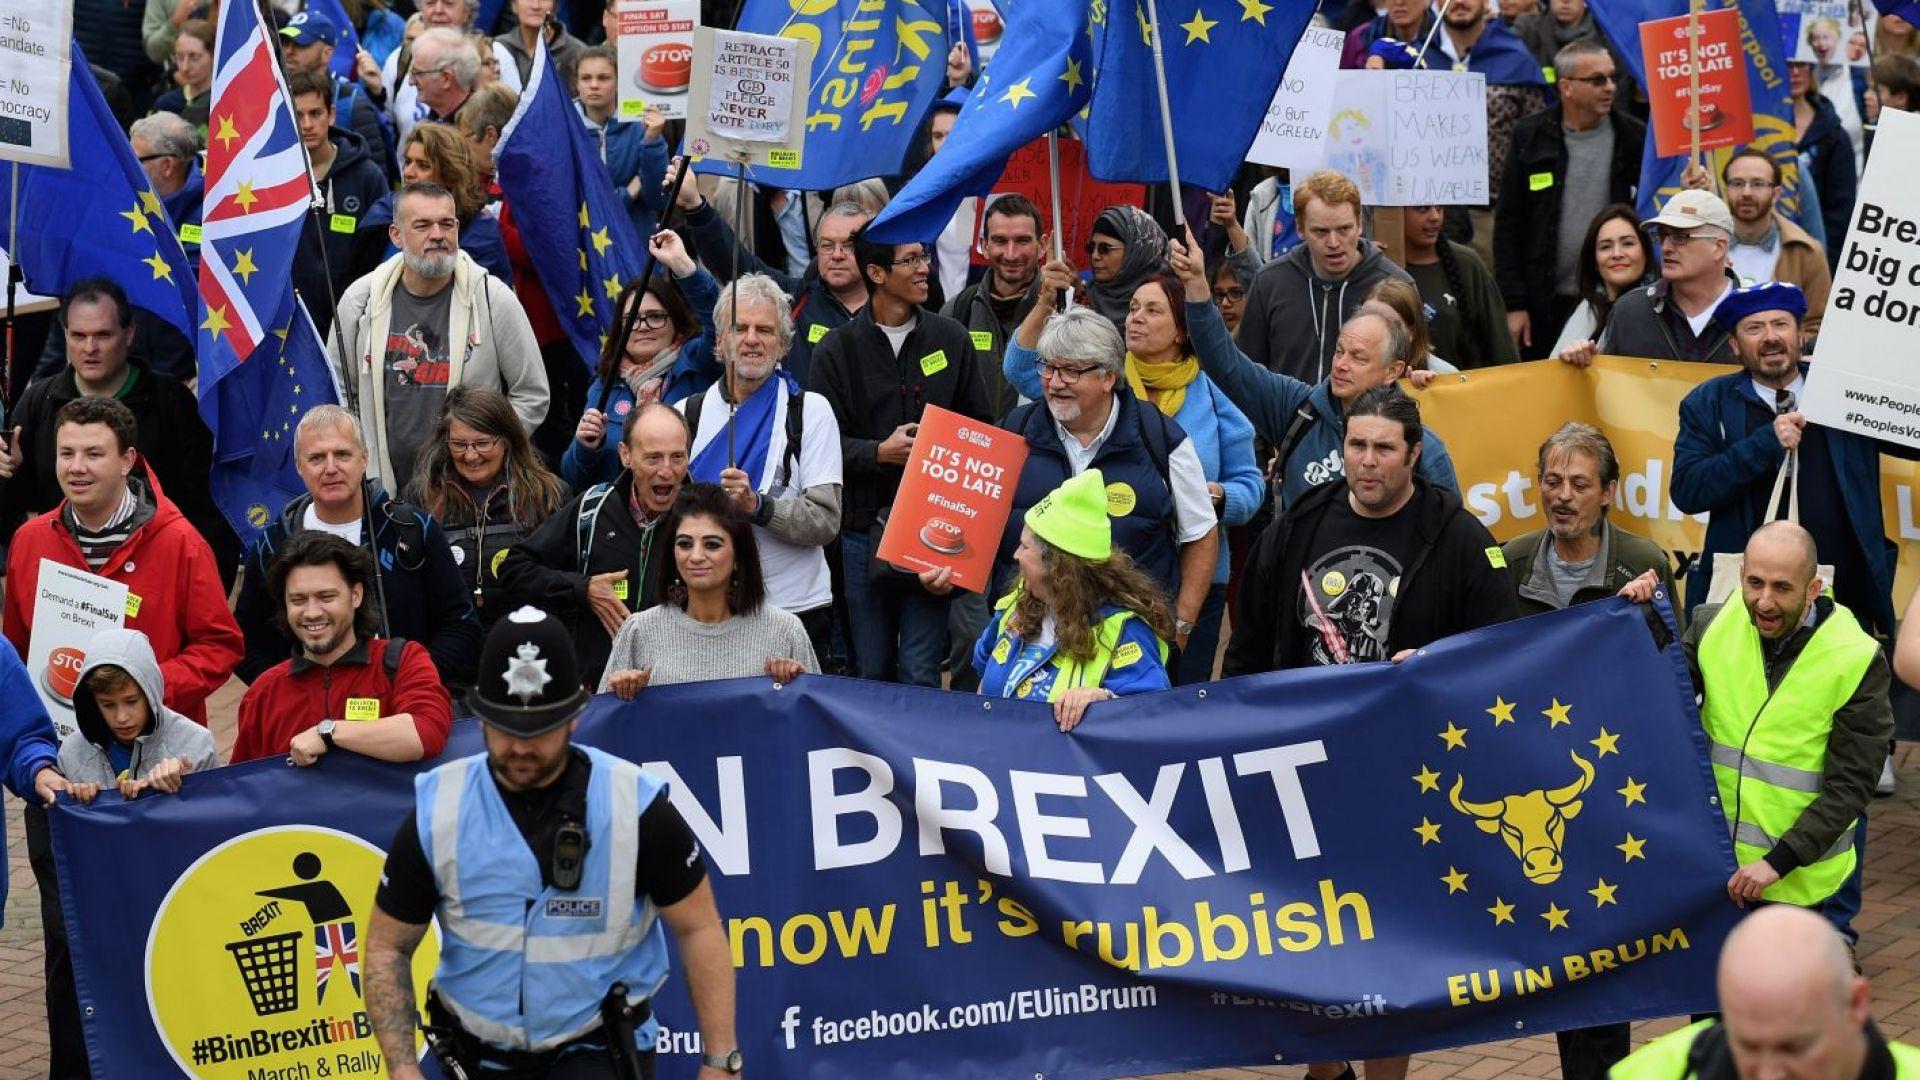 Британски законопроект: Премиерът да поиска отлагане на Брекзит до 31 януари 2020 г.